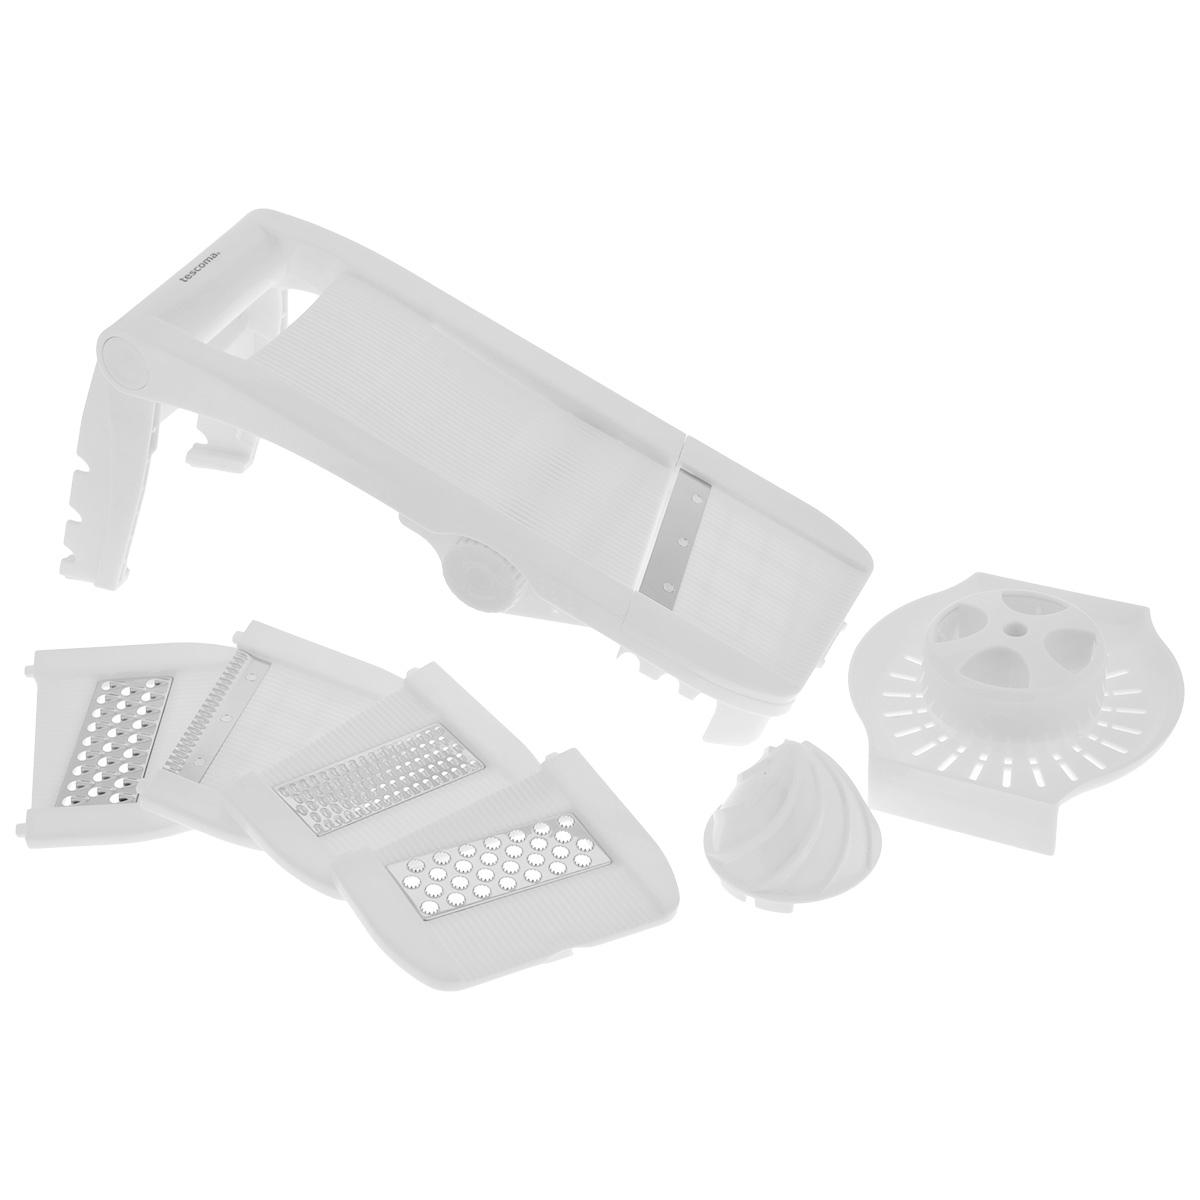 Мульти-терка Tescoma Мандолина, цвет: белый115510Мульти-терка Tescoma Мандолина выполнена из высококачественного пластика. Режущие лезвия насадок из нержавеющей стали обеспечивают эффективную нарезку продуктов. В комплект входят 5 съемных насадок: для фигурной нарезки, мелкой шинковки, крупной шинковки, нарезки твердых продуктов (твердого сыра, шоколада), для плоской нарезки, а также два встроенных лезвия для нарезки ломтиков картофеля крупного и мелкого размера. Кроме того, в комплекте безопасный держатель для продуктов и массивная ручка для удобного пользования.Терка снабжена выдвижными ножками с силиконовыми антискользящими вставками для комфортной работы.Можно мыть в посудомоечной машине.Размер терки в сложенном виде: 34 см х 12,5 см х 6,5 см.Размер терки с выдвинутыми ножками: 35 см х 12,5 х 16,5 см.Размер насадки: 12,7 см х 11 см х 0,7 см.